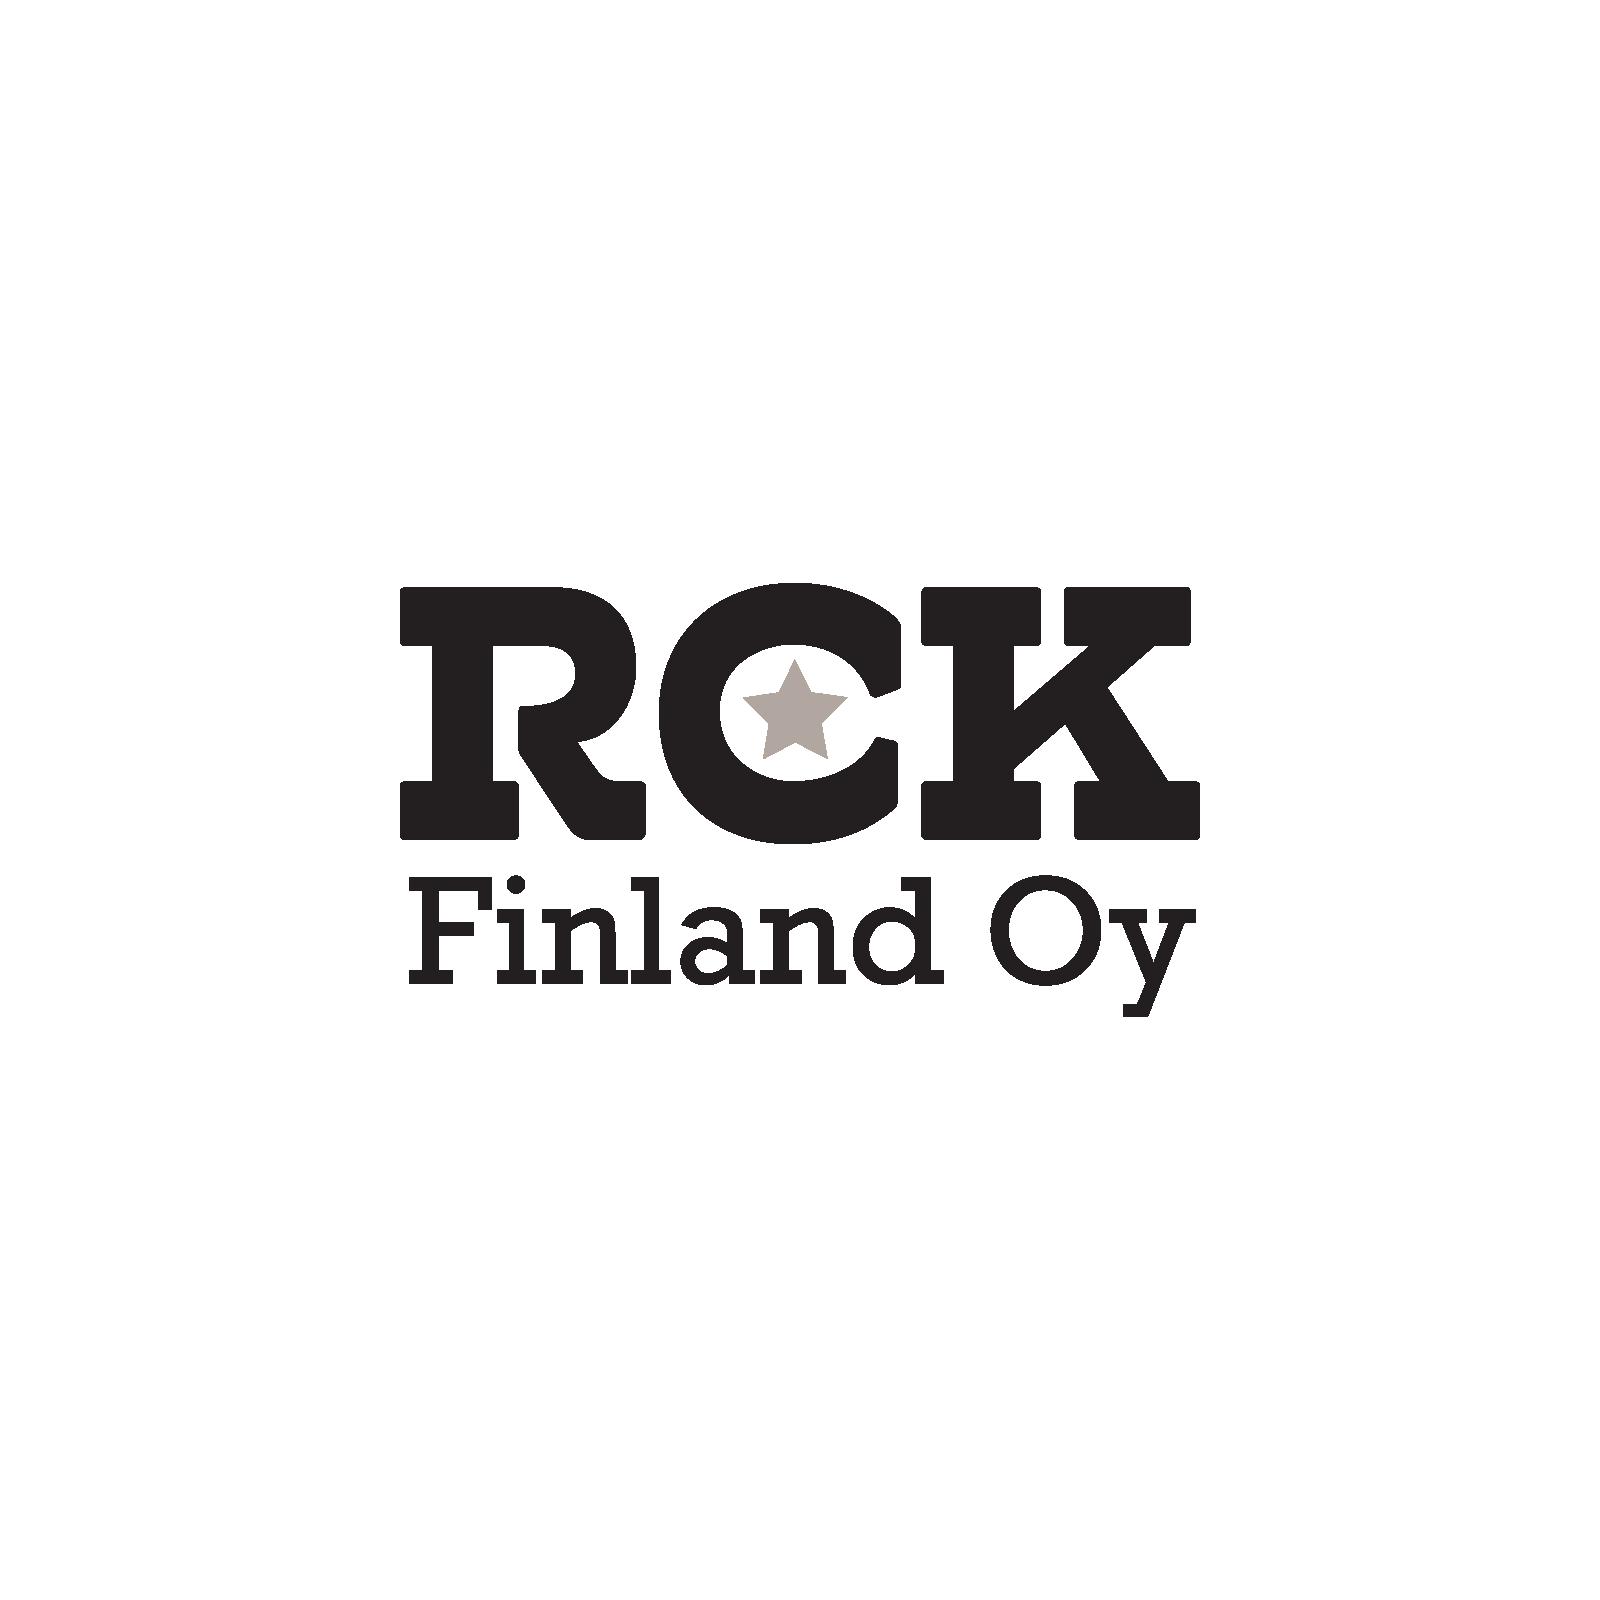 Arkistokotelo Ruskea voimapaperi 1,5 mm